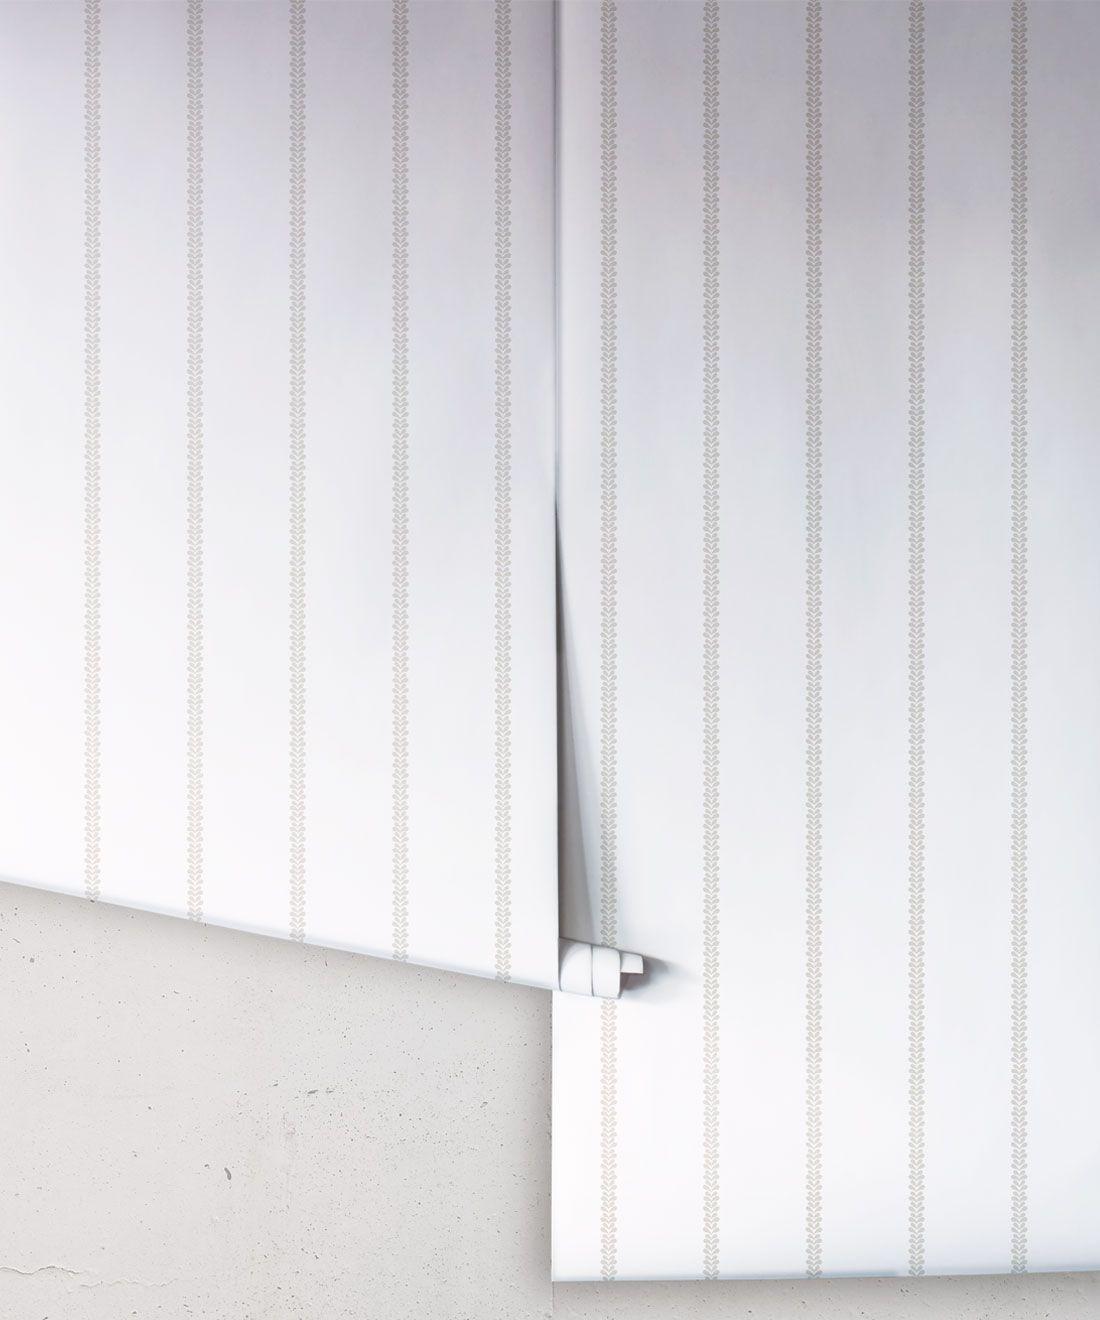 Chemin Wallpaper • Striped Wallpaper • Beige • Rolls